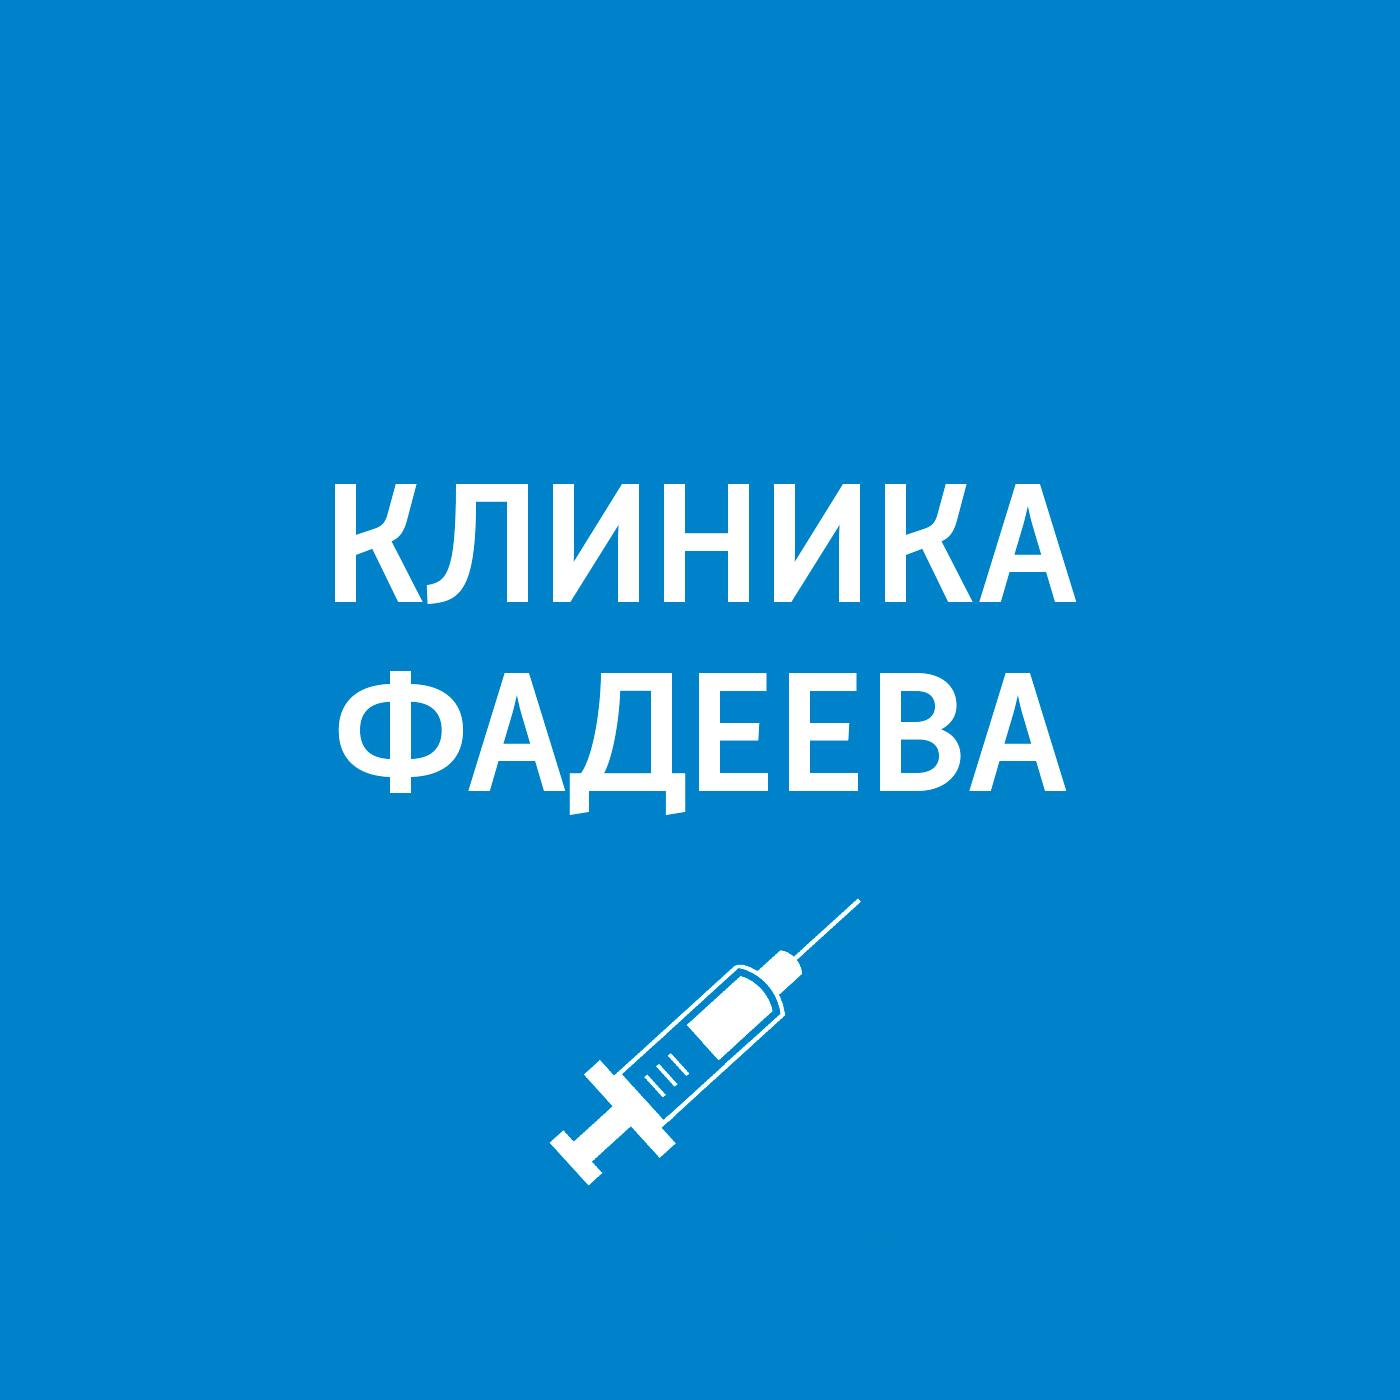 Пётр Фадеев Приём ведёт врач интенсивной терапии, кардиолог: о гипертонии стоимость